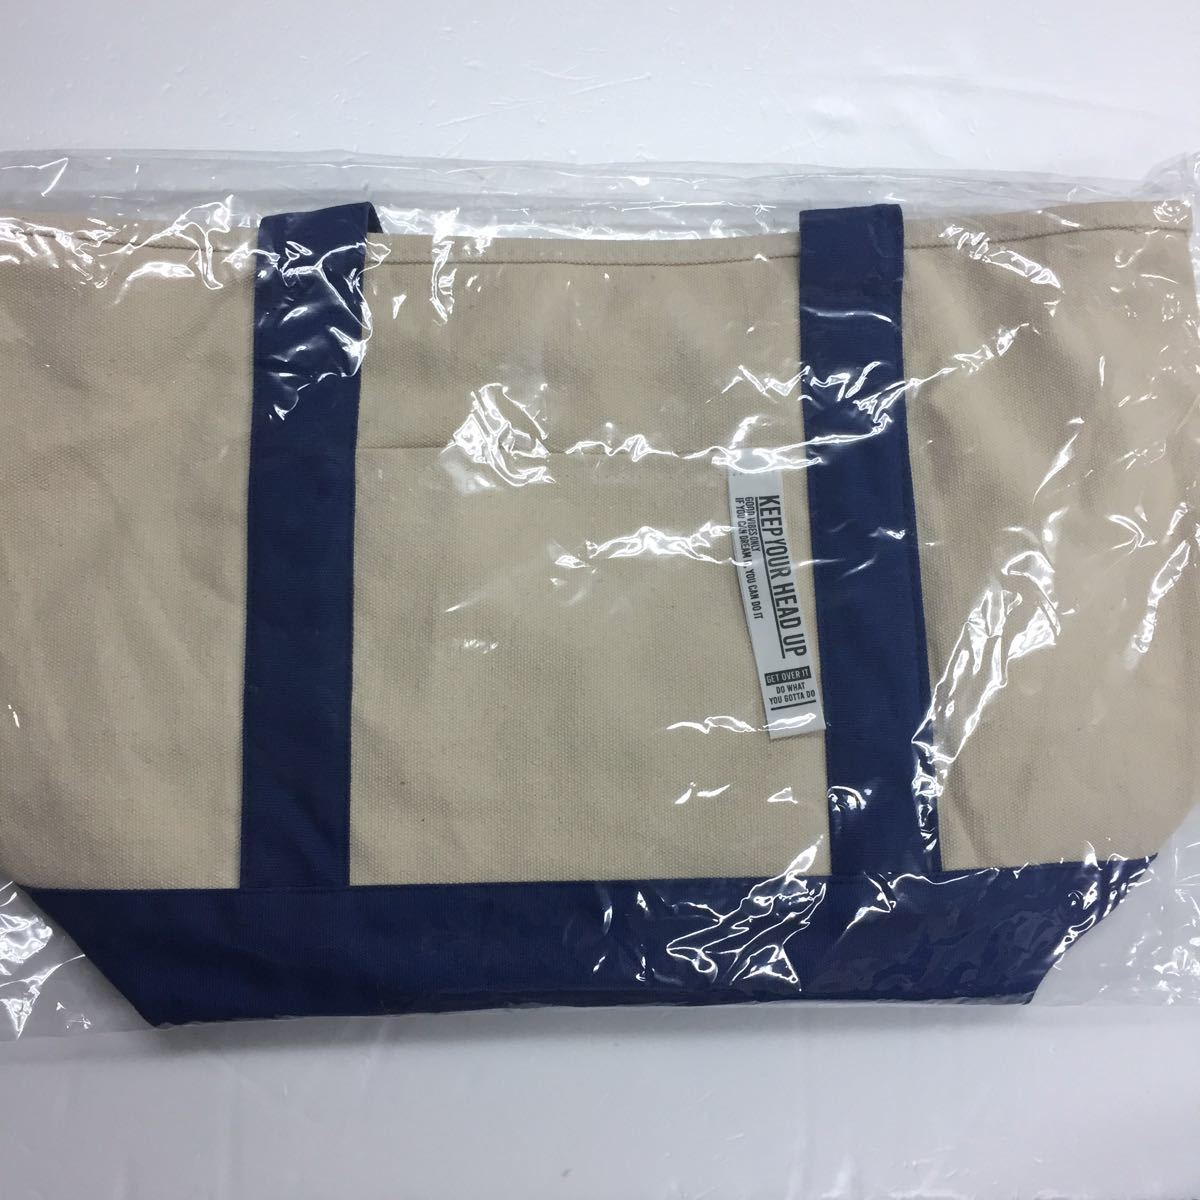 送料無料 コットン トートバッグ レディース メンズ 大容量 ボストンバッグ 通勤 通学バッグ バッグ エコバッグ キャンバス